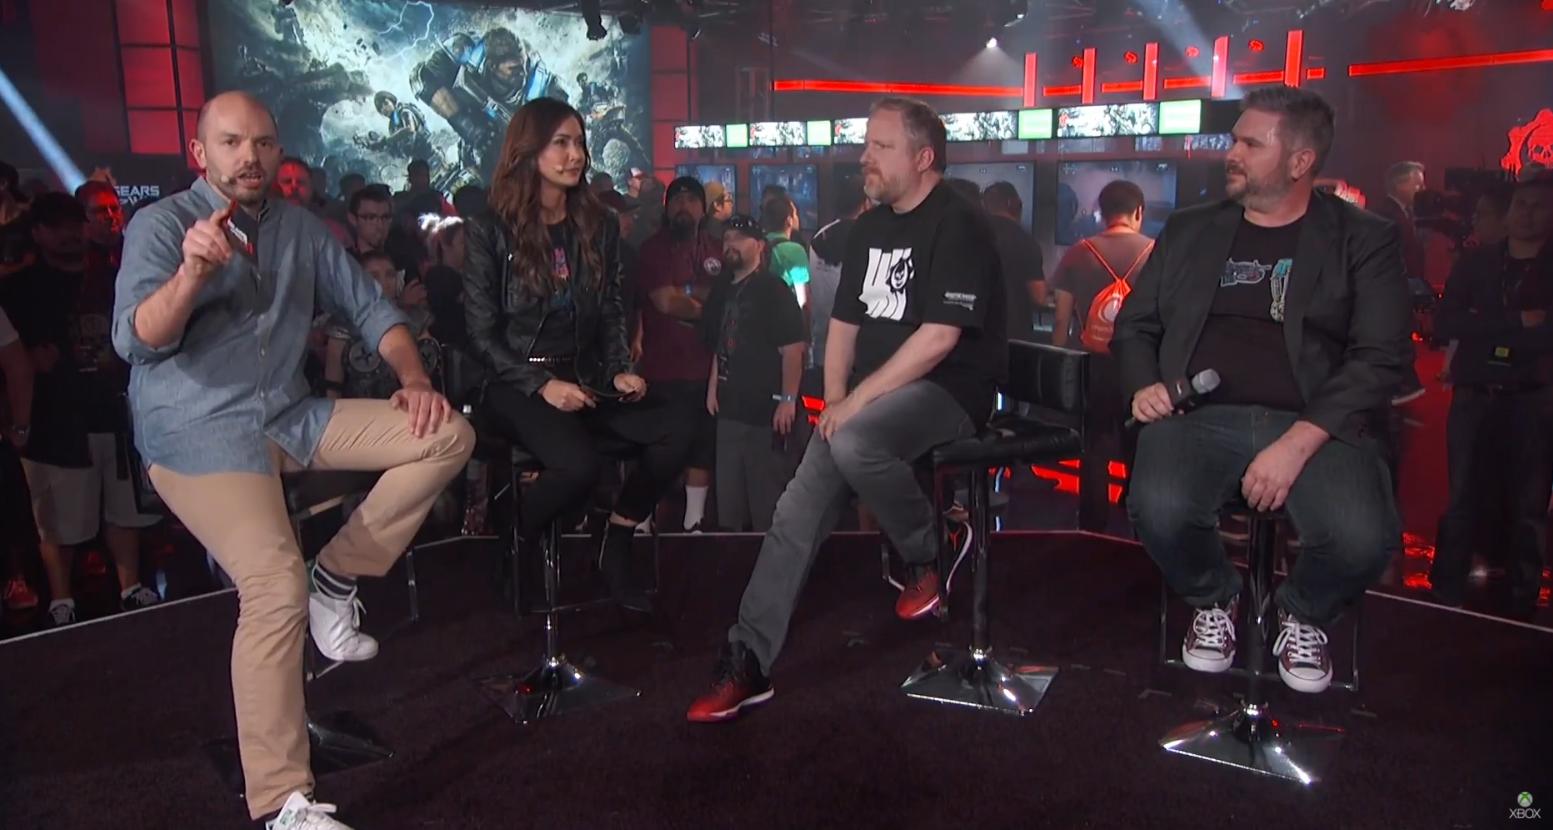 Cómo se vivió el Gears of War 4 Live en Twitter